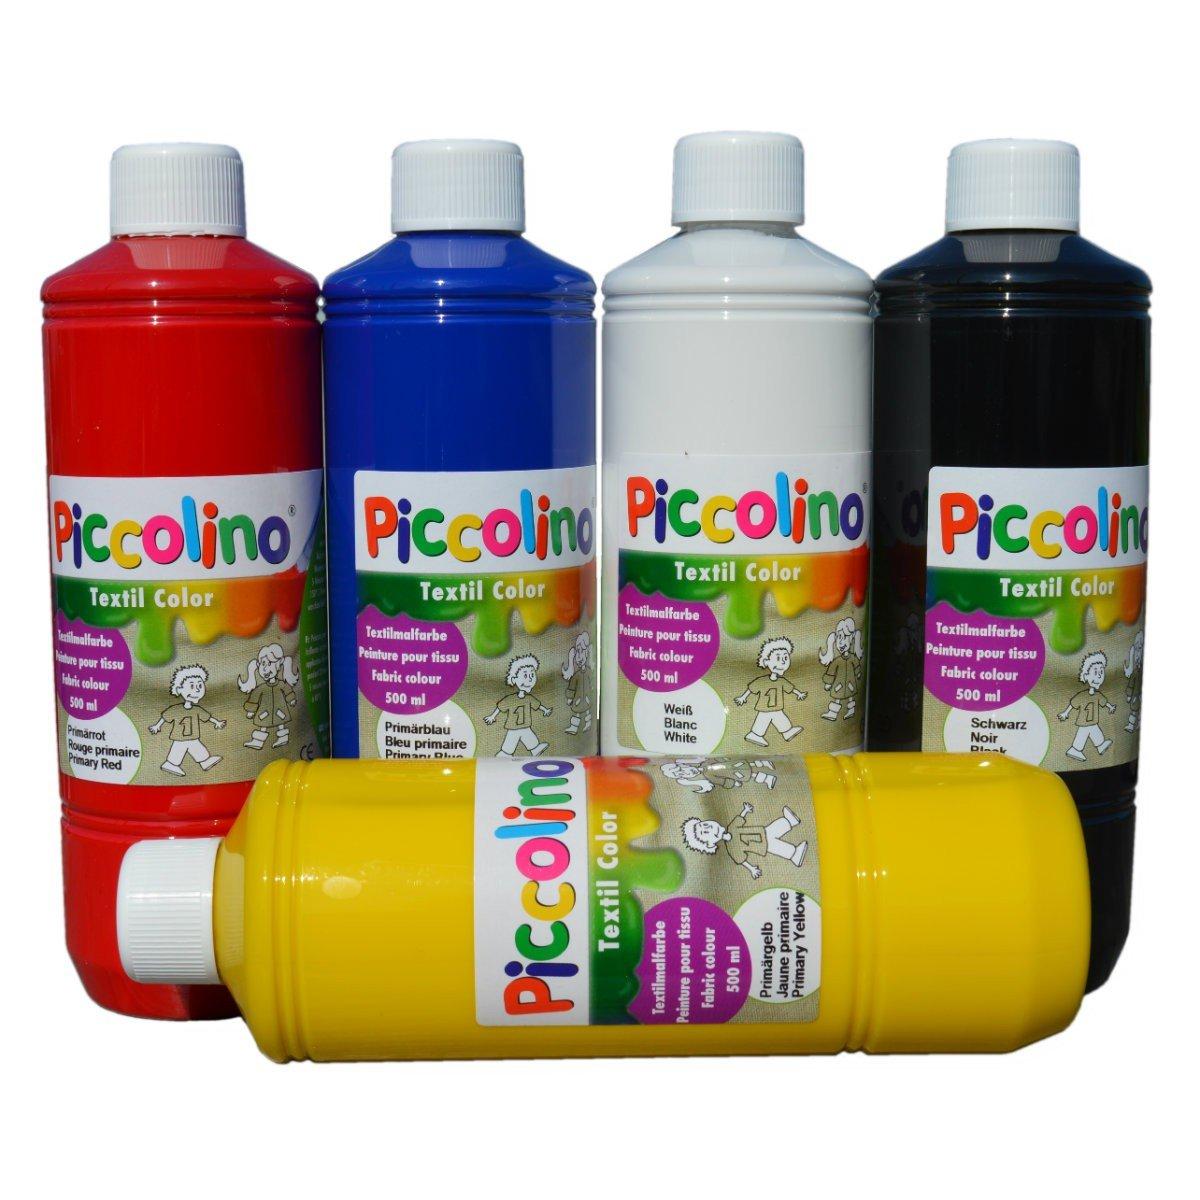 Piccolino textil veces Colores Set - colores primarios 5 x 500 ml - Plástico veces Colores Primario de color rojo, primario de amarillo, primario de azul, ...